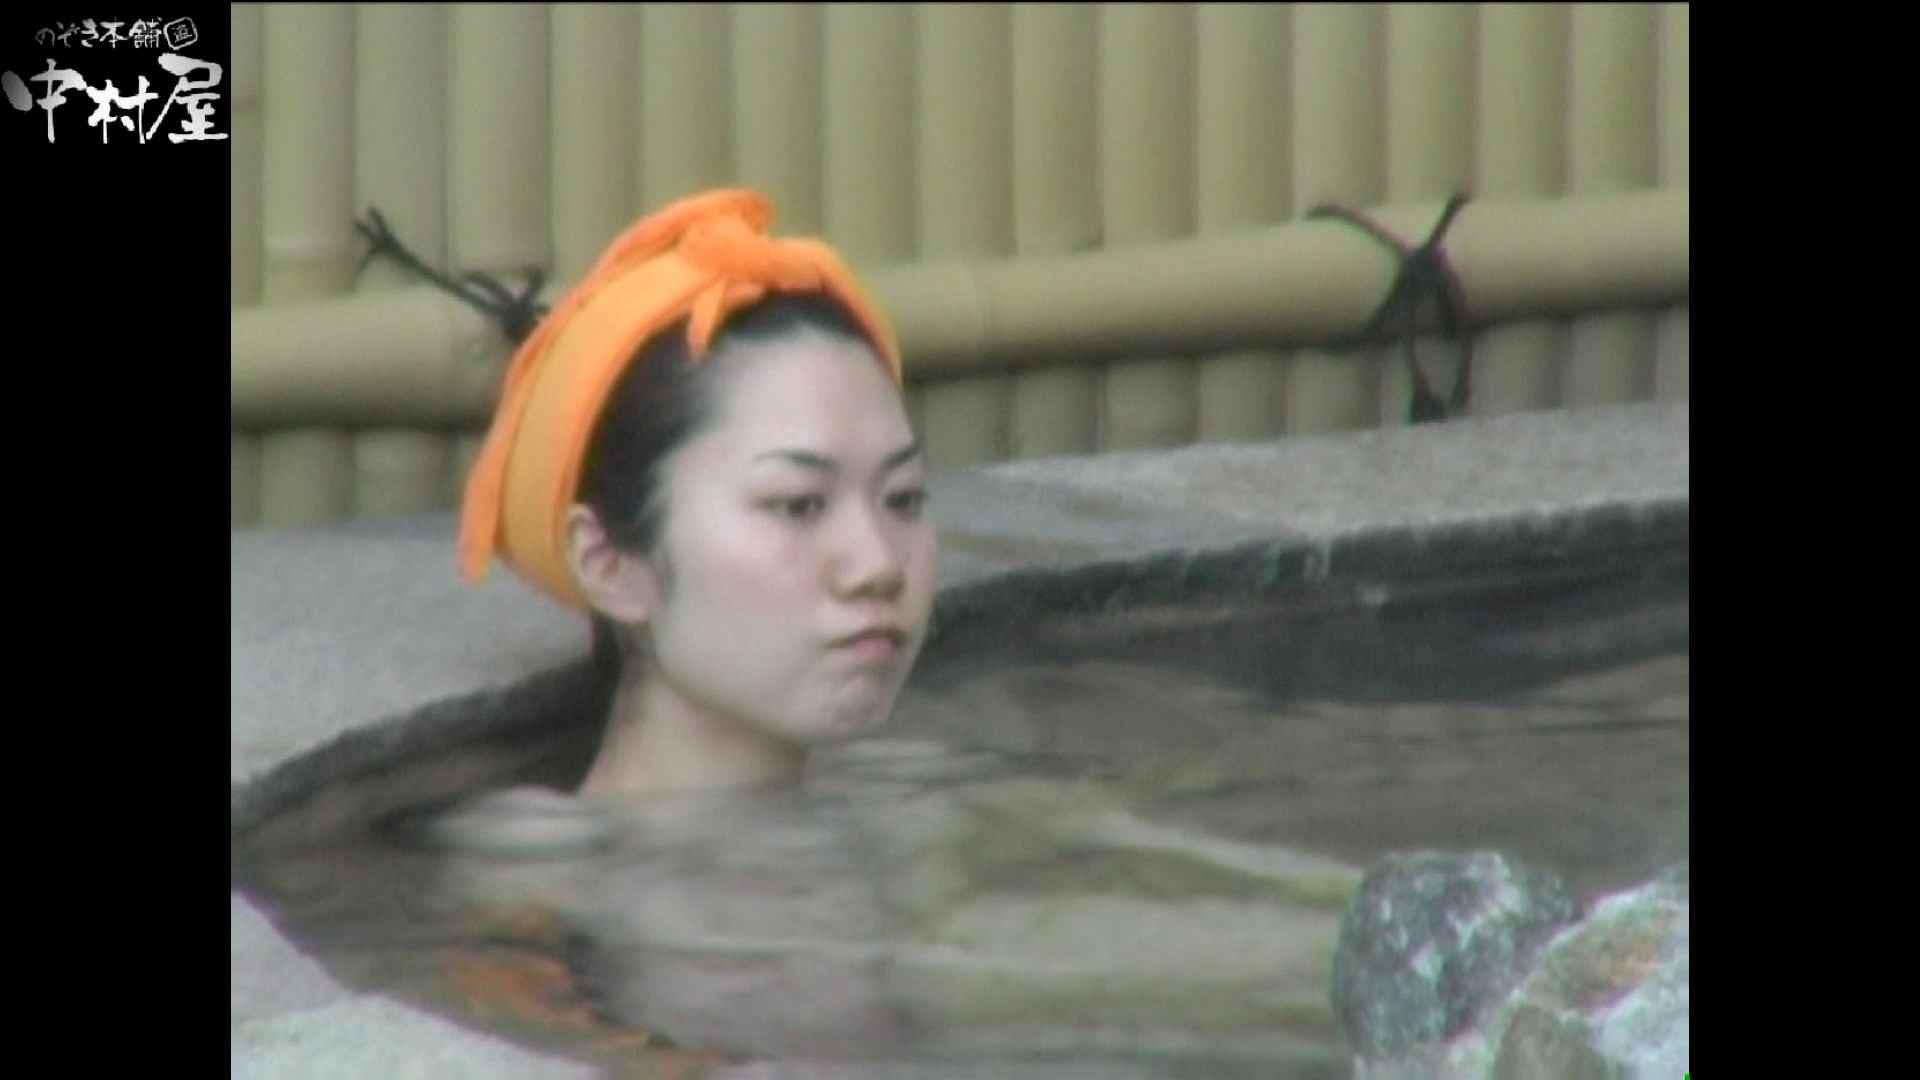 Aquaな露天風呂Vol.978 盗撮 | 露天風呂  73連発 1